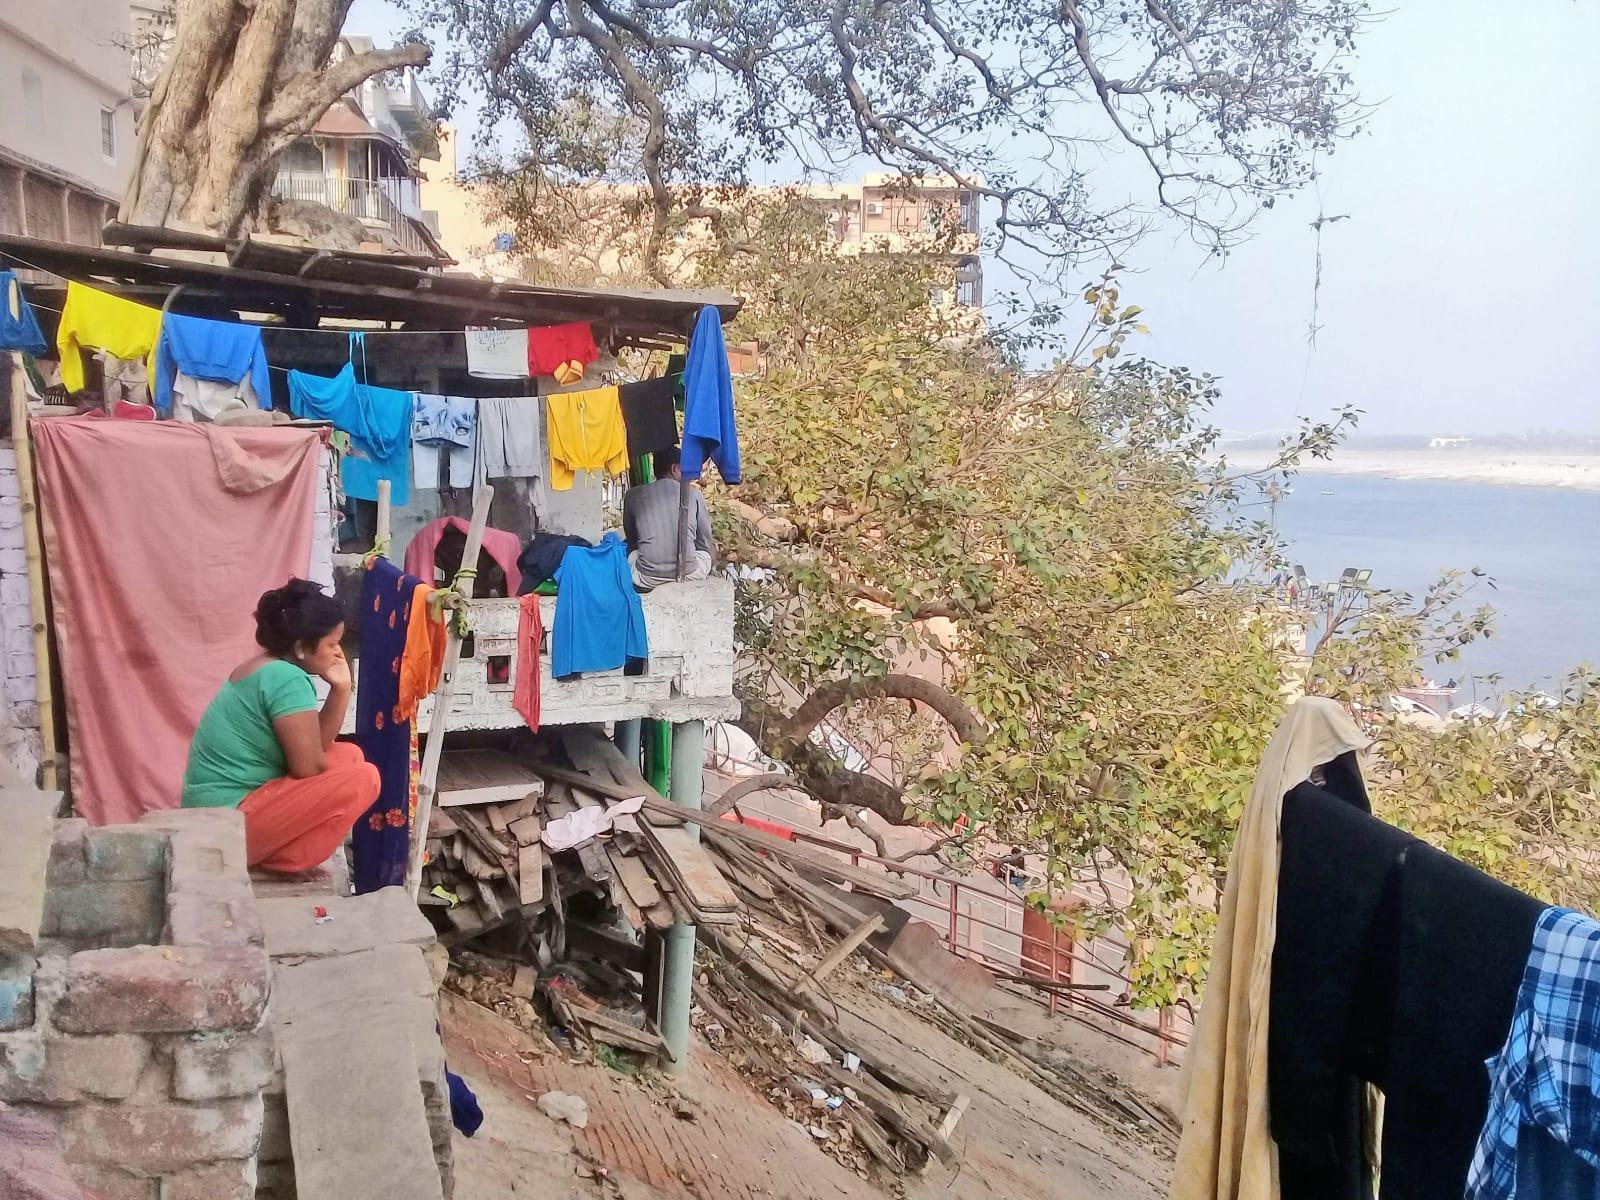 Indický život se skládá z tvrdé práce ale i lelkování, Varanásí